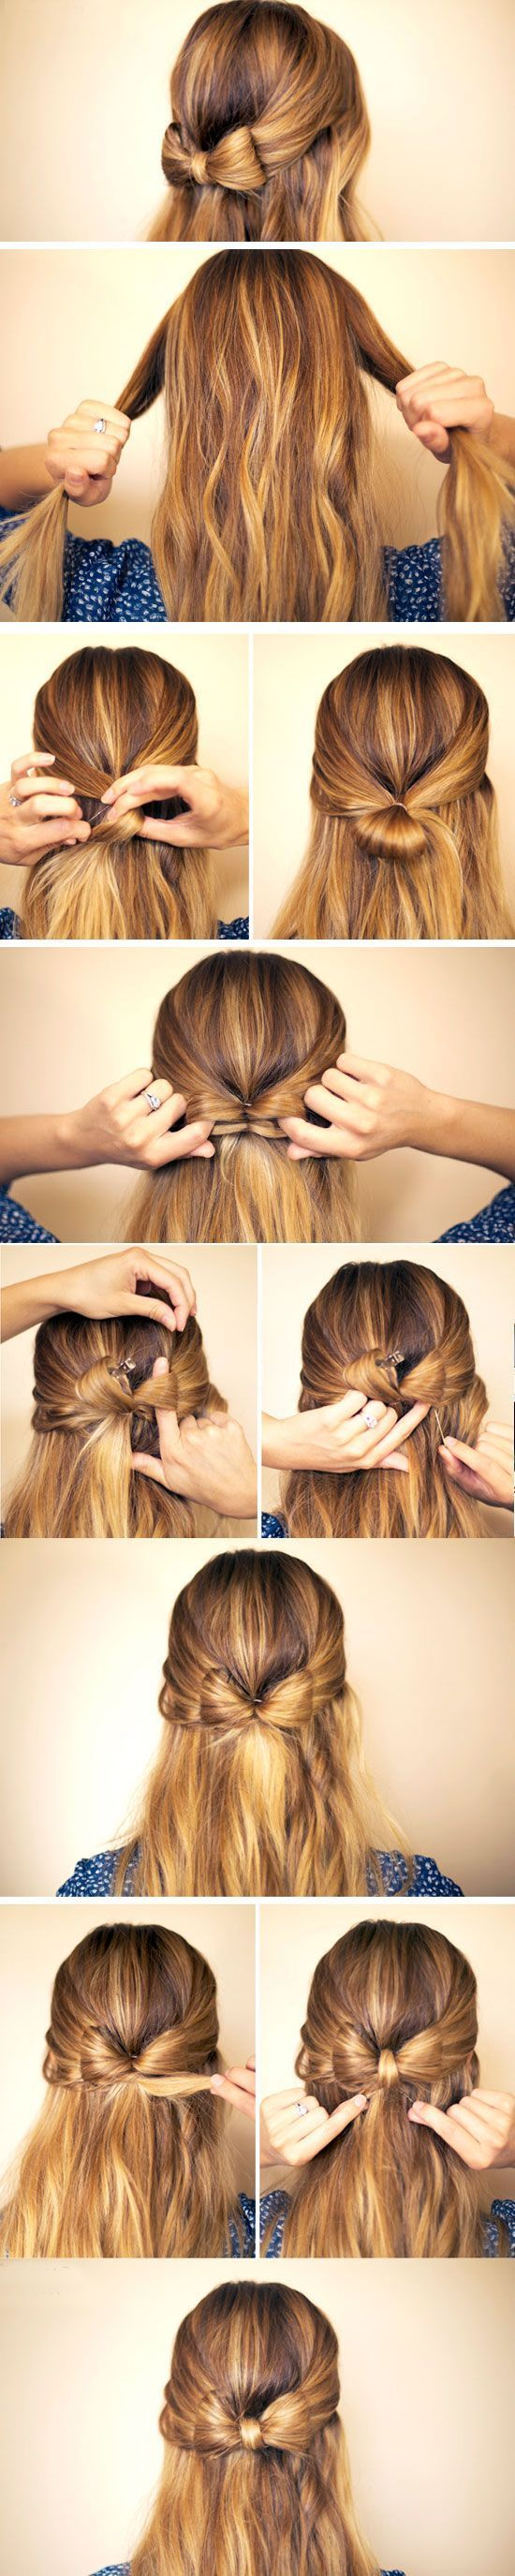 Peinado elegante!!!